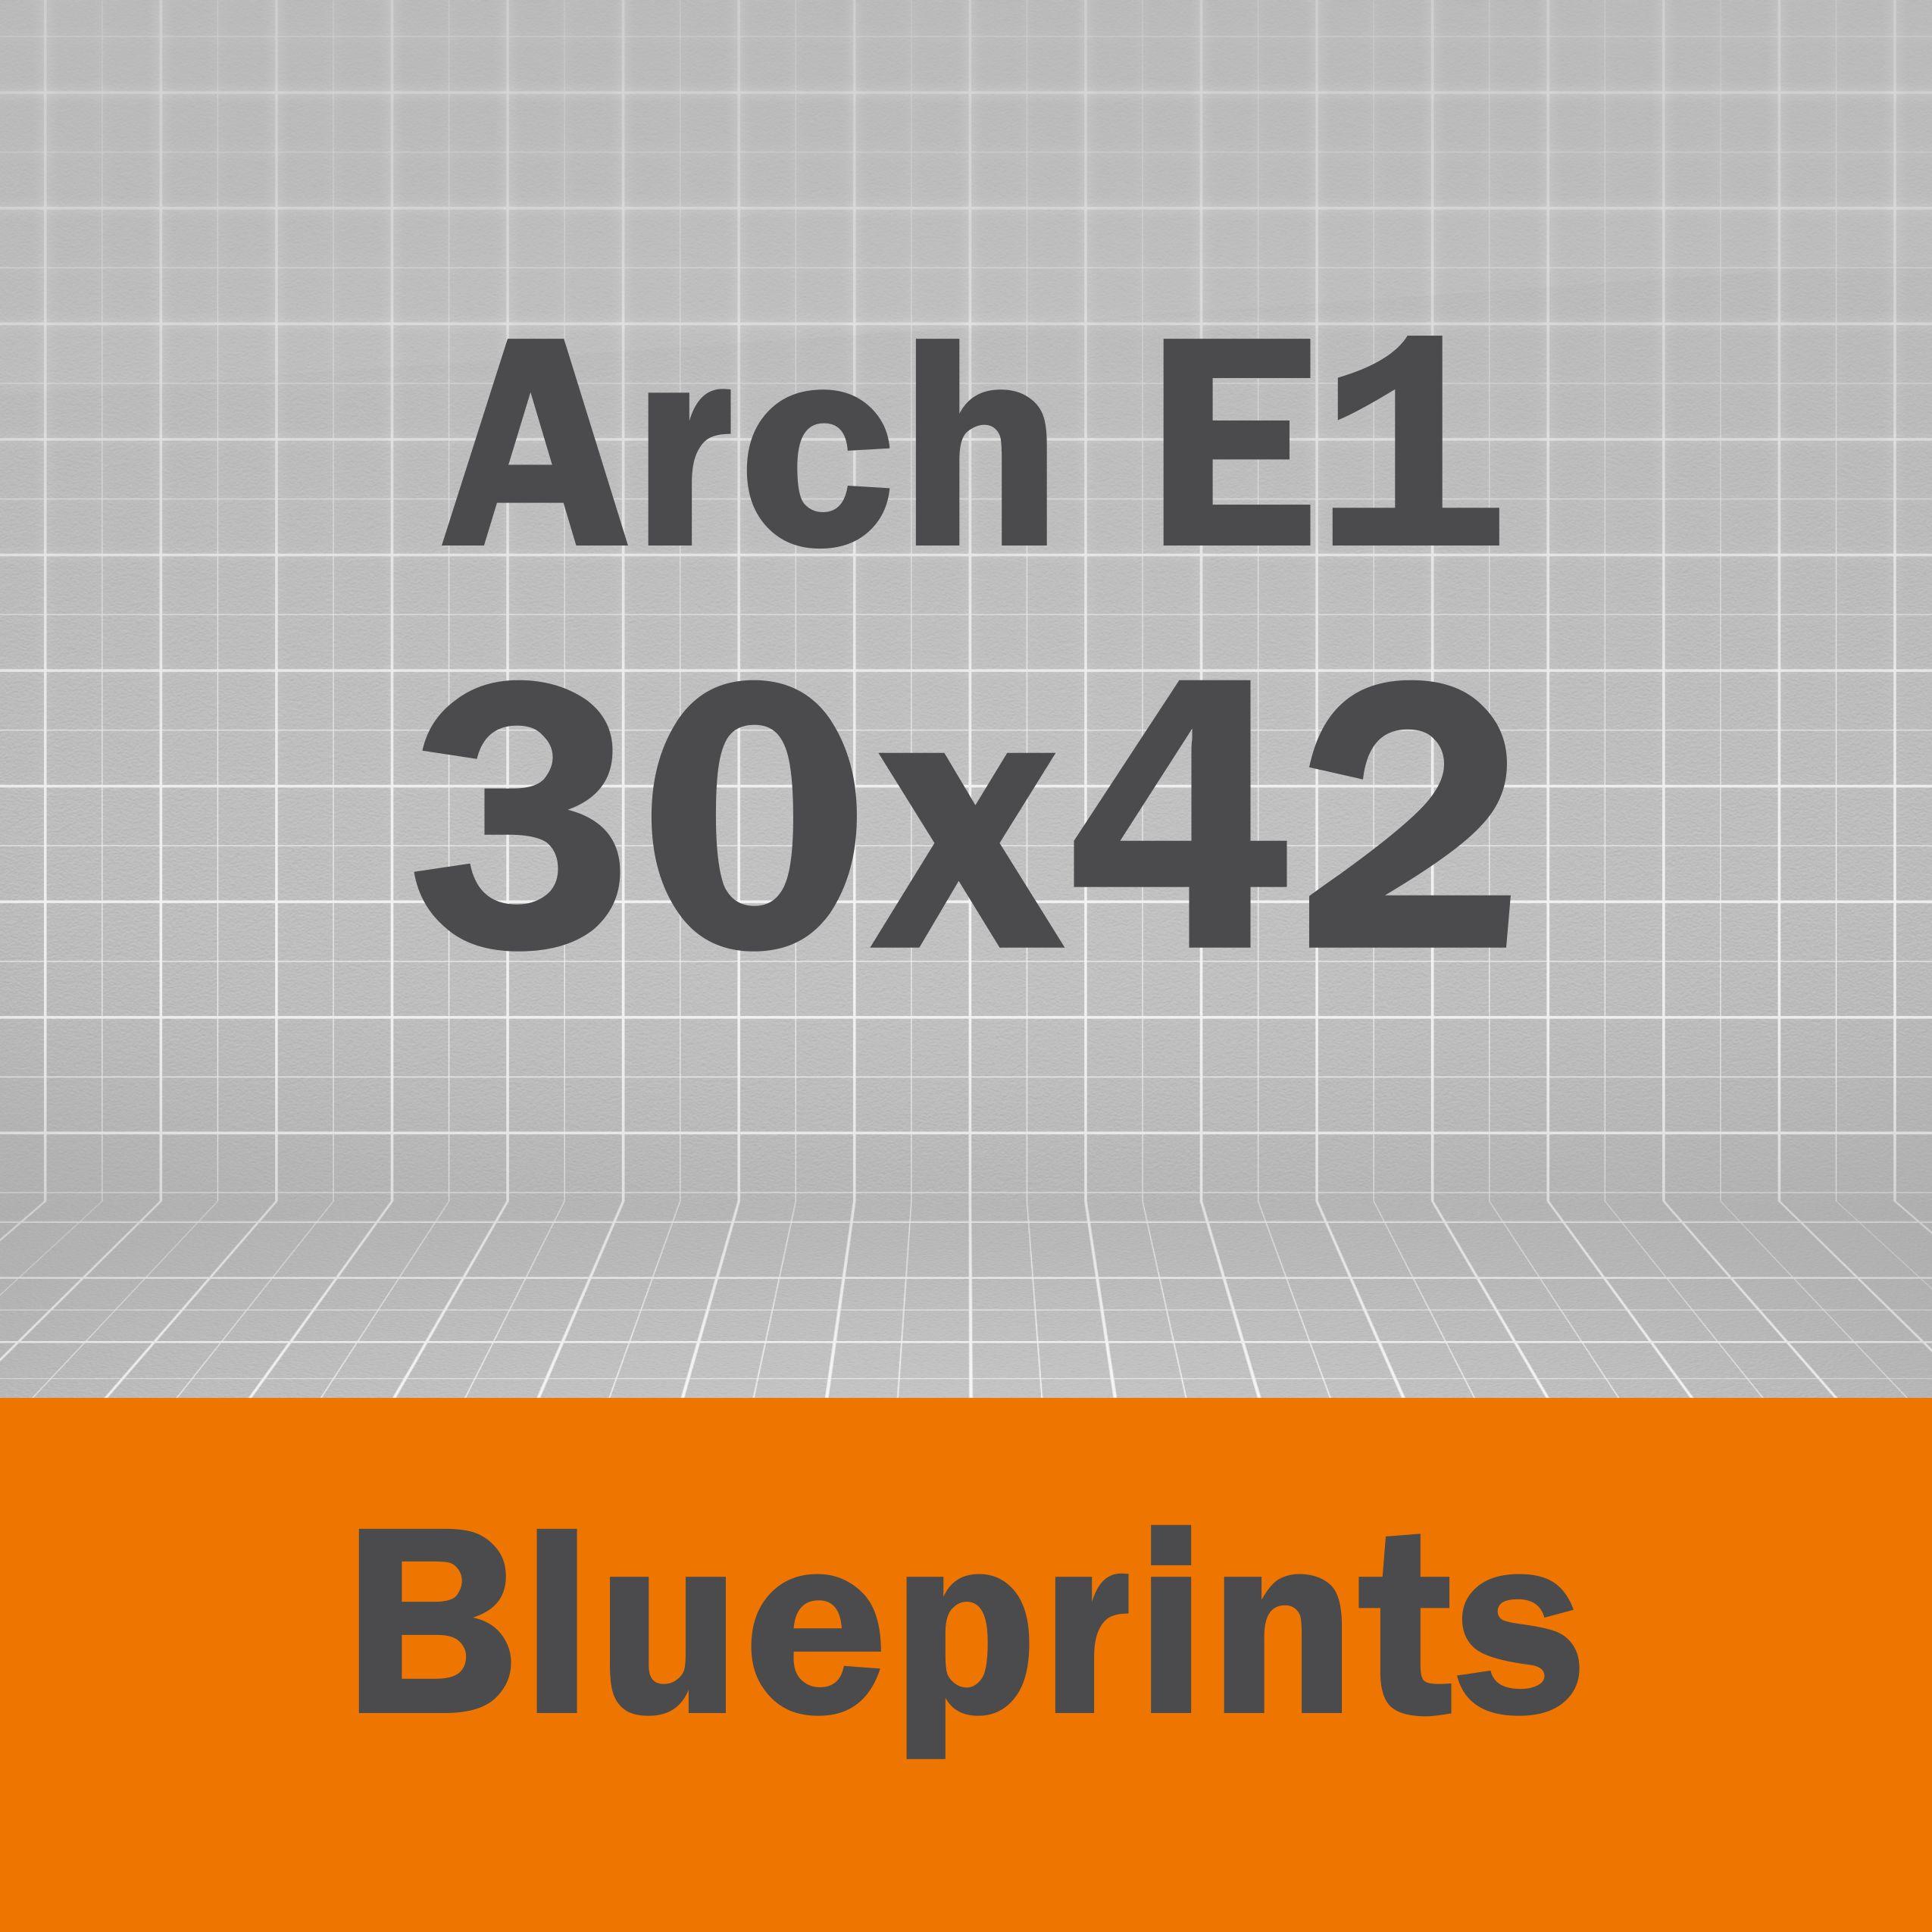 blueprints arch e1 product image